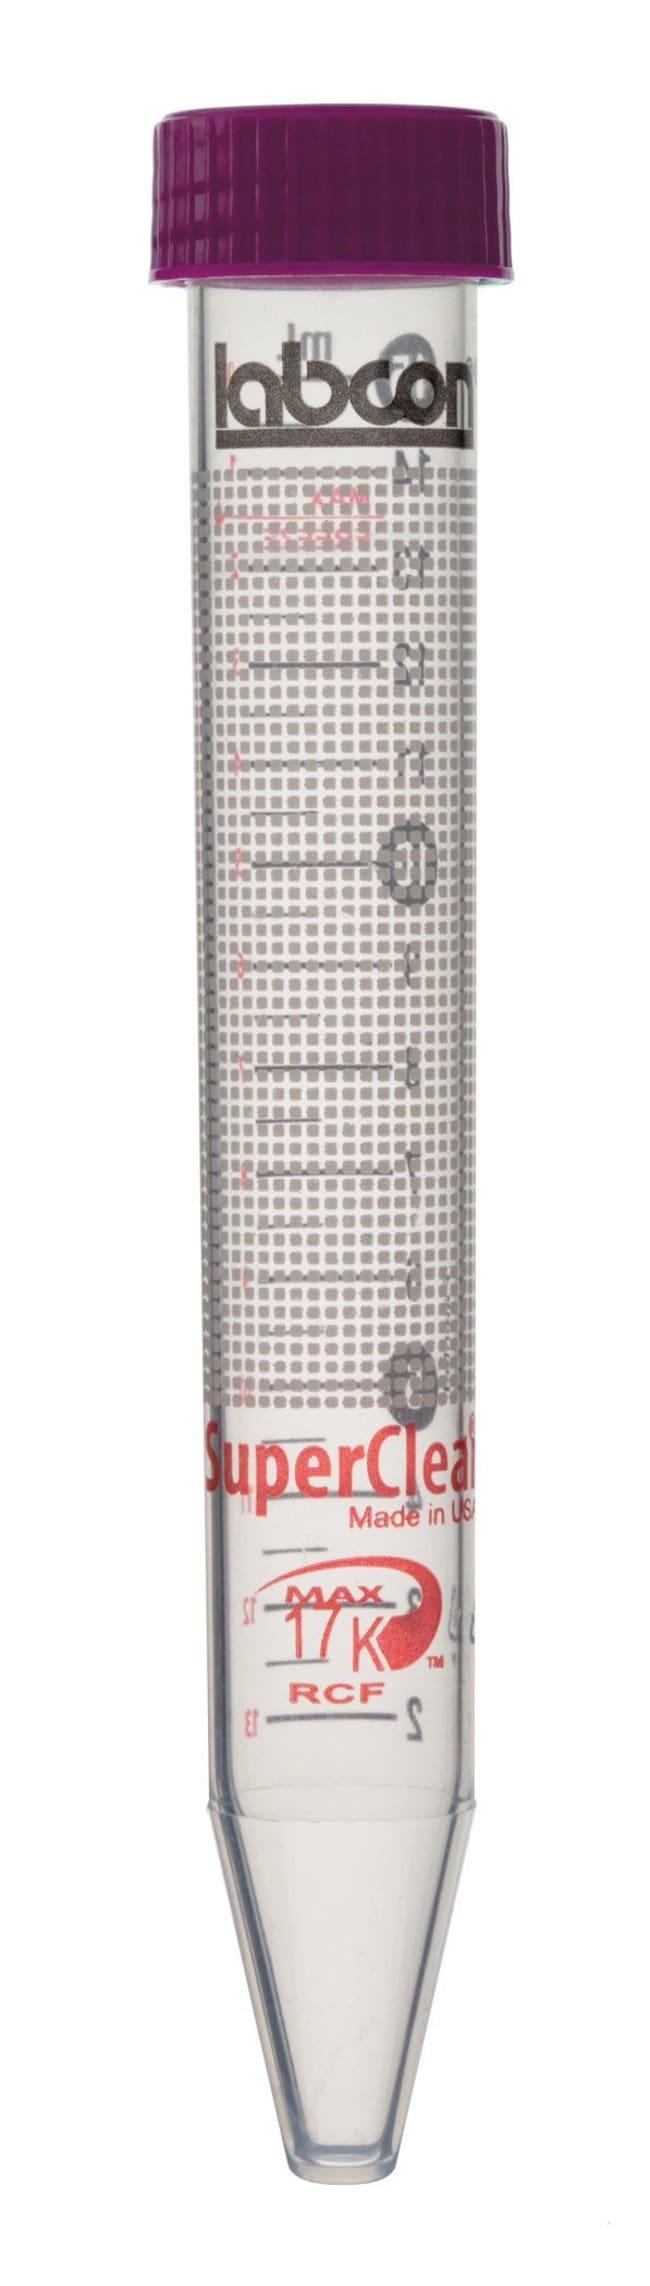 LabconTubes à centrifuger SuperClear™ de 15ml Bouchon à insérer; 500tubes/sachet; non stérile LabconTubes à centrifuger SuperClear™ de 15ml